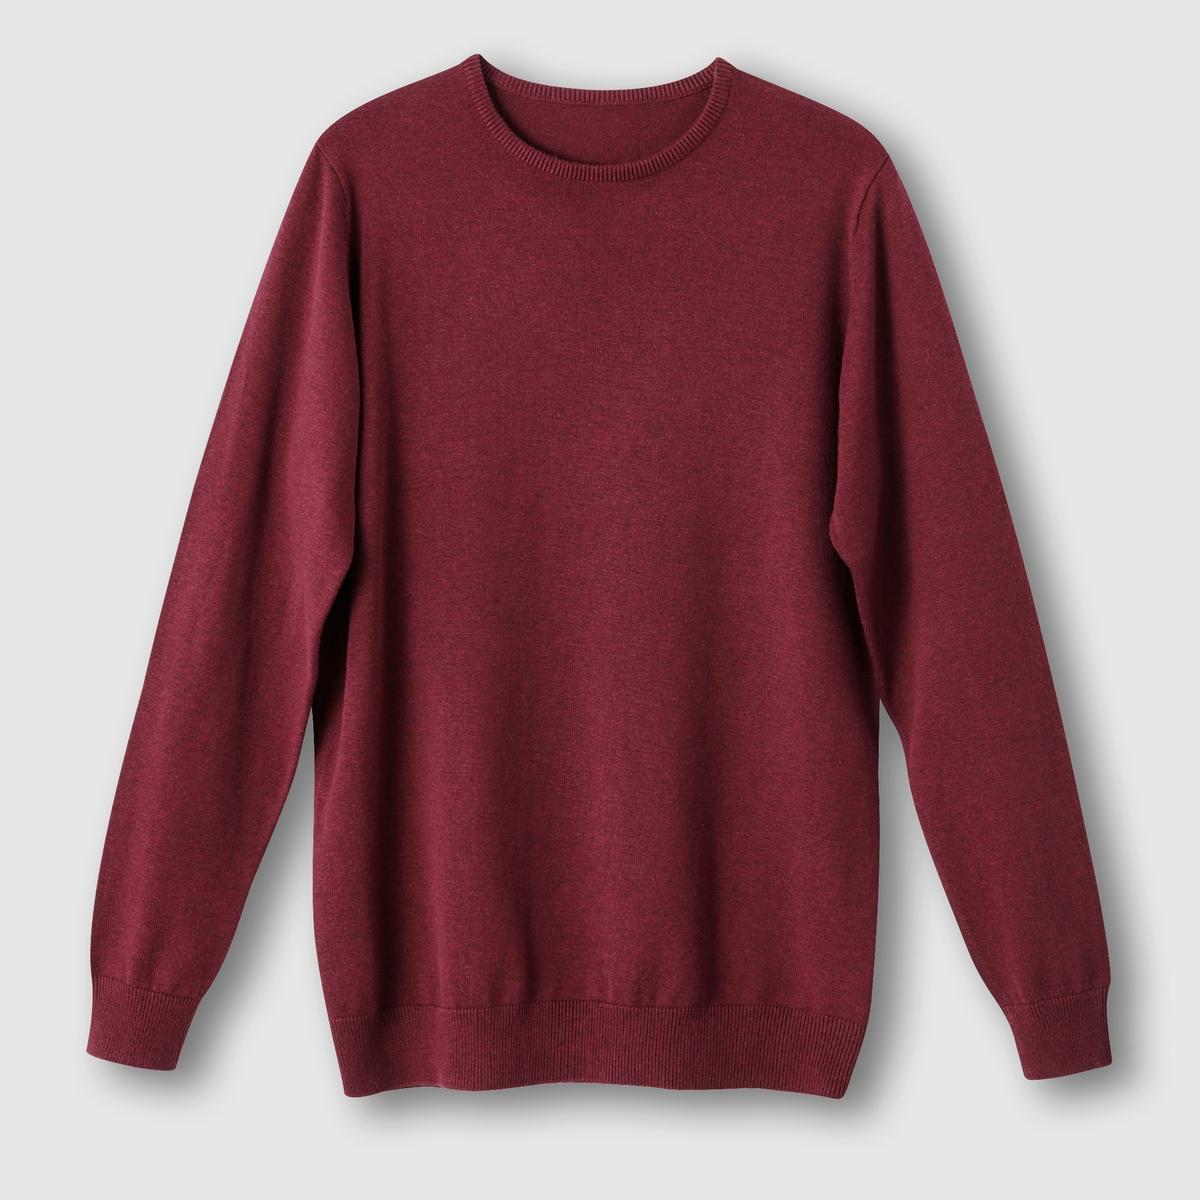 Пуловер с круглым вырезомПуловер с круглым вырезом. Длинные рукава. Края рукавов и низа связаны в рубчик. Пуловер с круглым вырезом из трикотажа мелкой вязки, 100% хлопок. - длина спереди : 73 см для размера 50/52 и 81 см для размера 82/84.- длина рукавов : 64,5 см.<br><br>Цвет: бордовый меланж,темно-синий,черный<br>Размер: 54/56.62/64.70/72.74/76.82/84.66/68.70/72.66/68.70/72.74/76.82/84.74/76.78/80.82/84.62/64